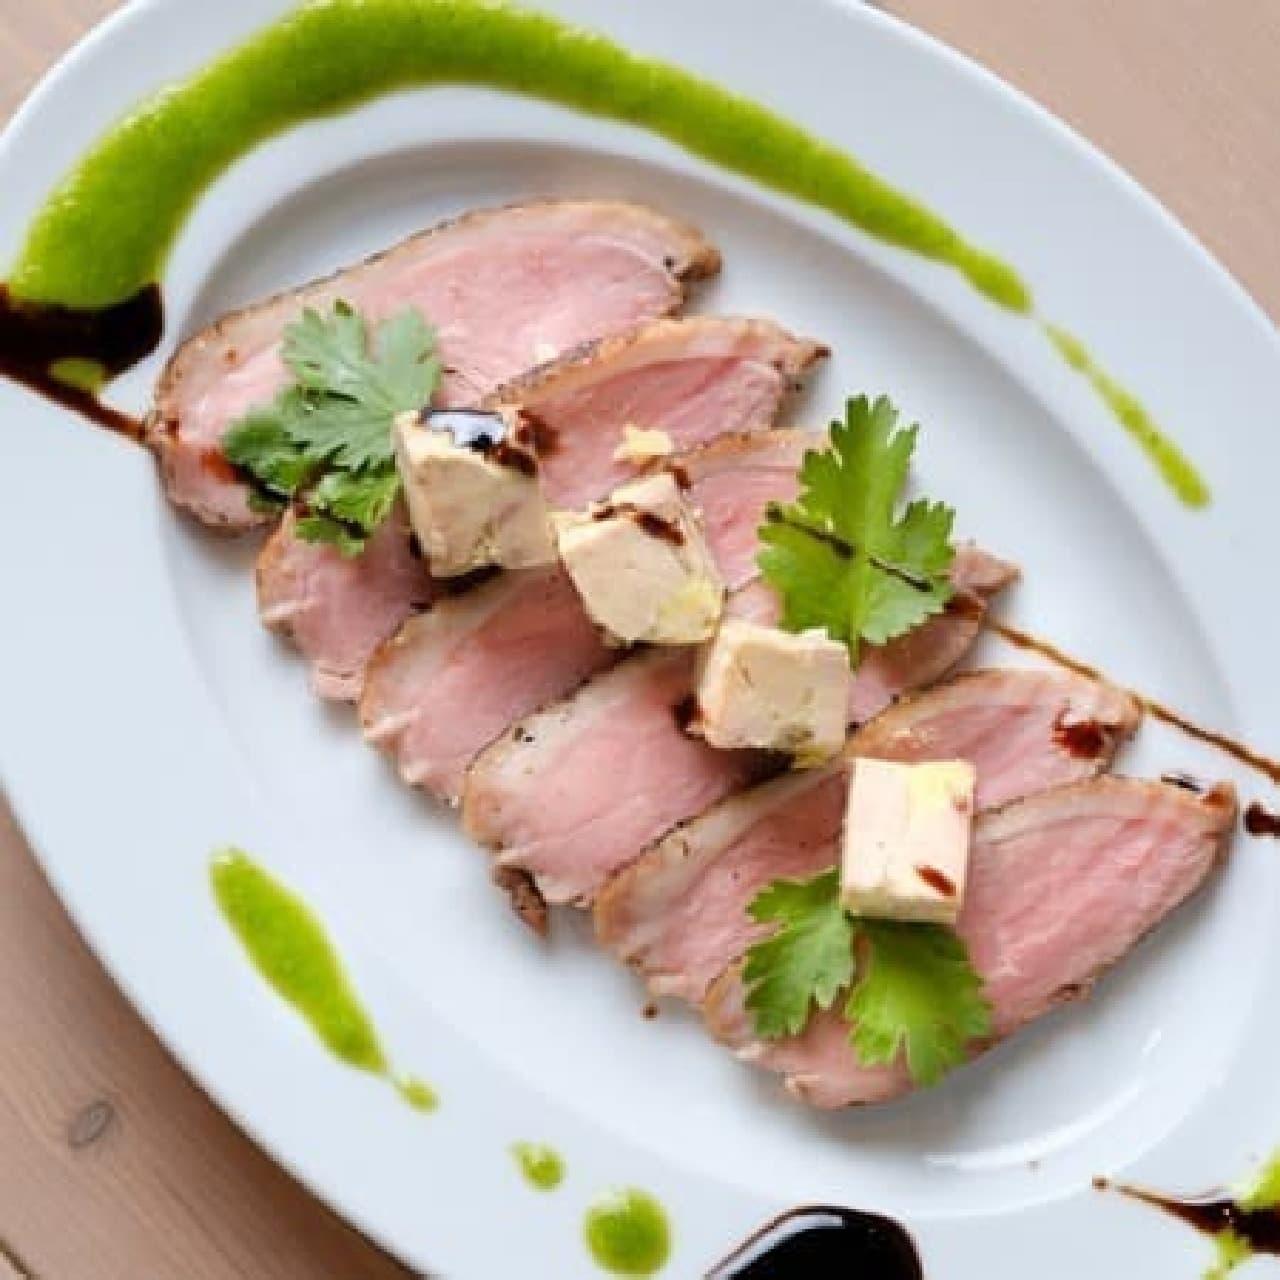 肉バル カモショッタネギ「鴨のロースト フォアグラのテリーヌ添え2色ソース」